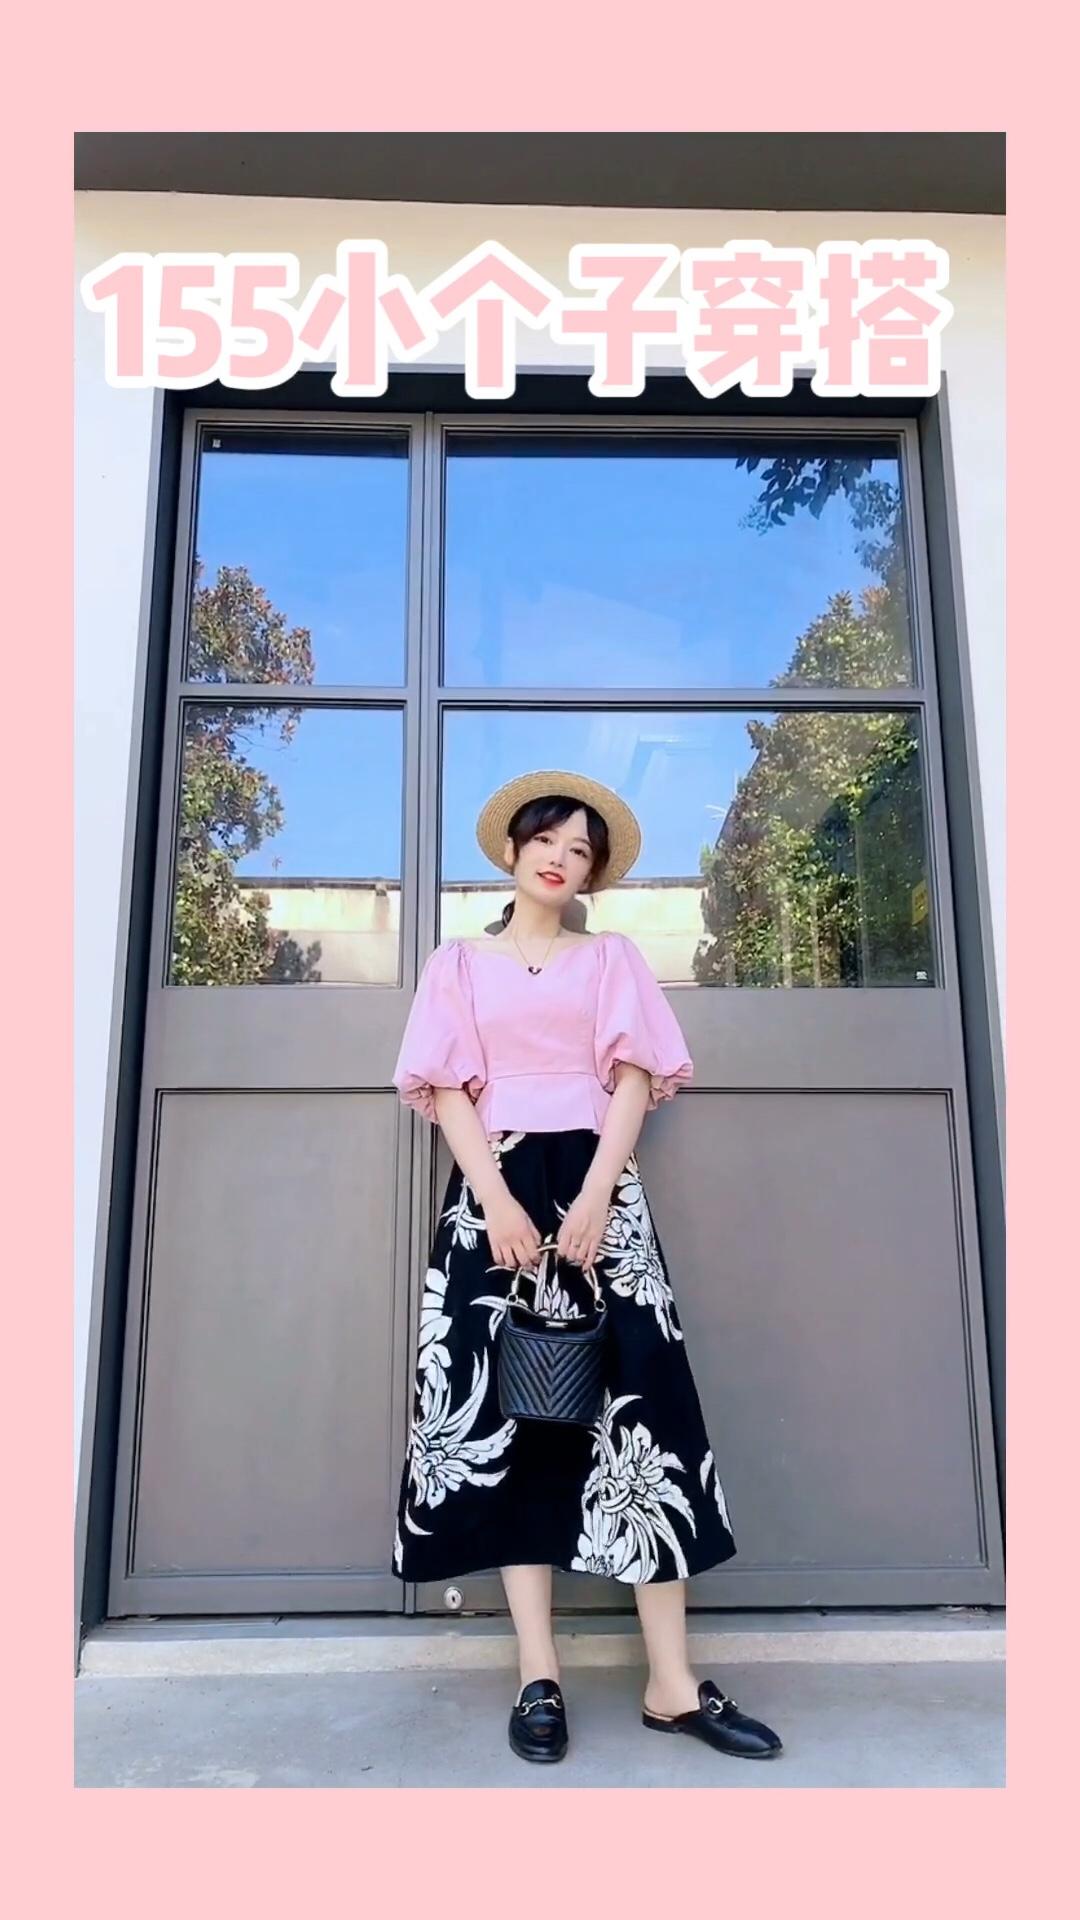 #小个子暑假作业:变高变美!#  粉色少女心满满的夏天 和泡泡袖搭配的粉色复古上衣太美啦 度假穿这件拍照炒鸡美哦 露出锁骨和肩膀线条 再搭配一条长裙~ 快去赚足回头率吧